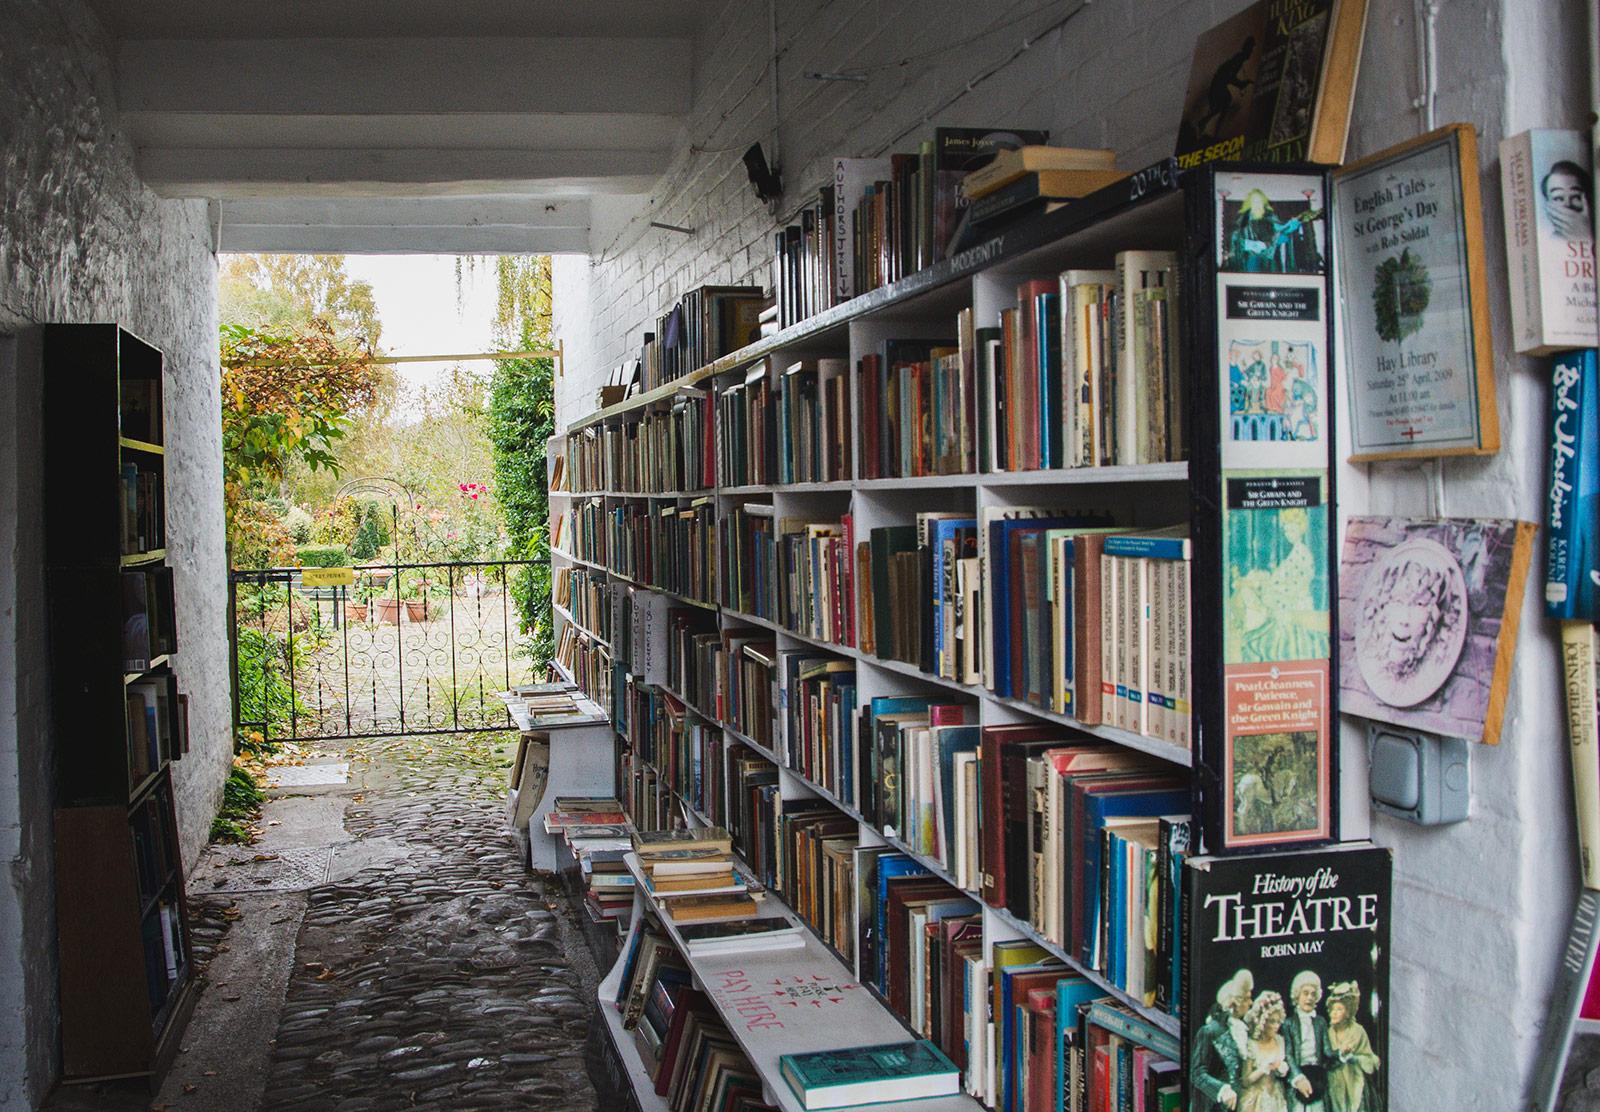 Books in passageway